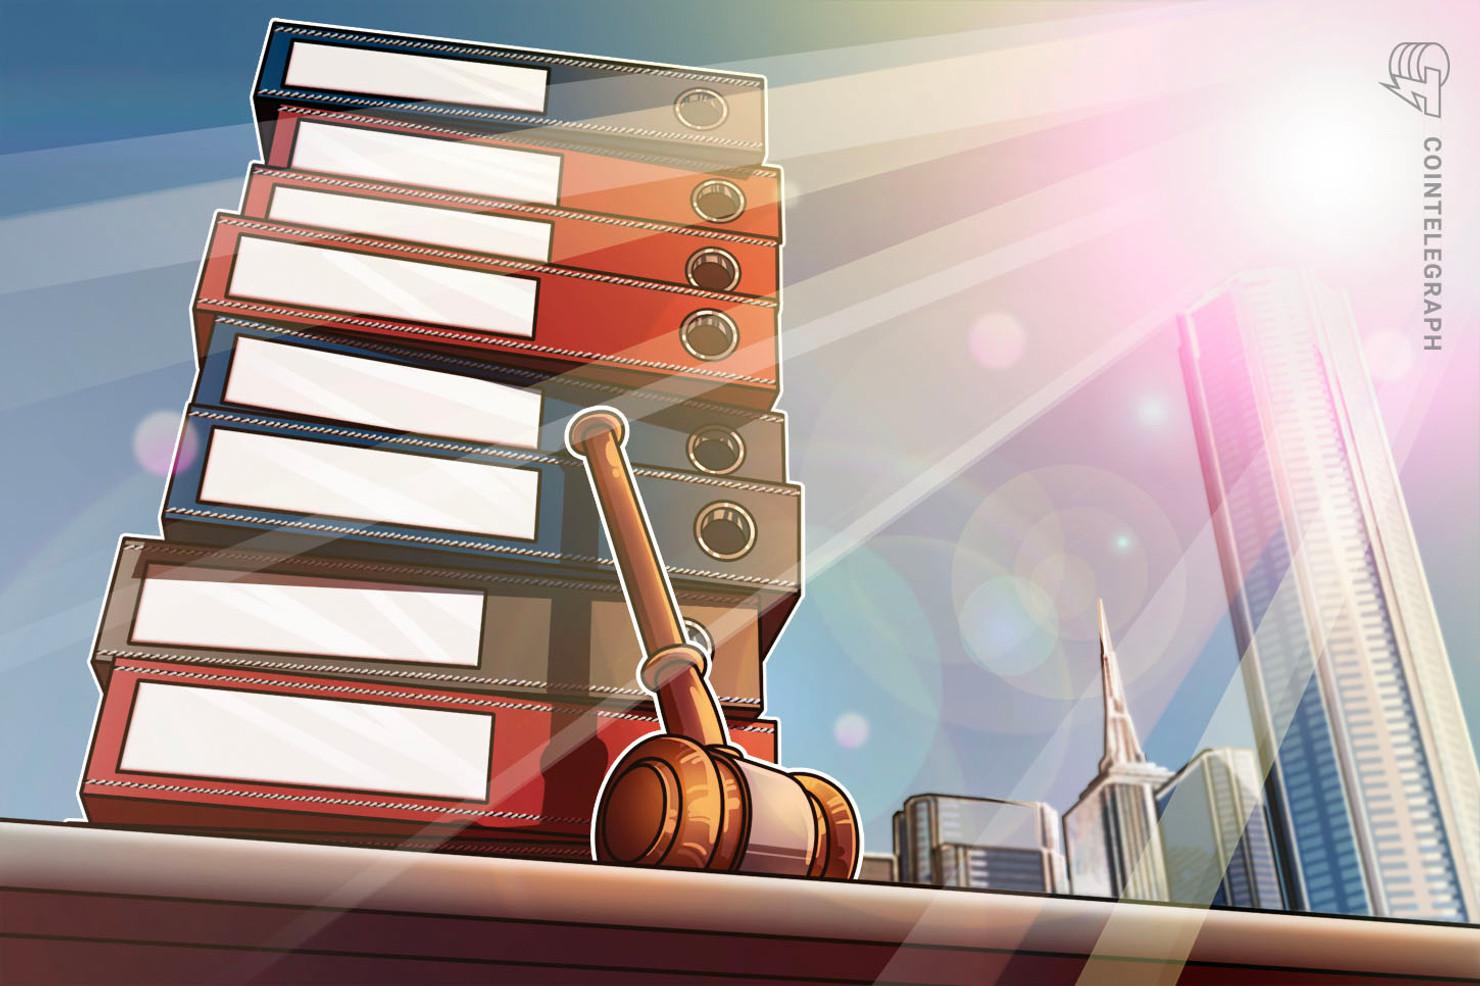 仮想通貨取引所ビットフィネックスとテザーへの3つの集団訴訟、1つの弁護士チームが主導【ニュース】